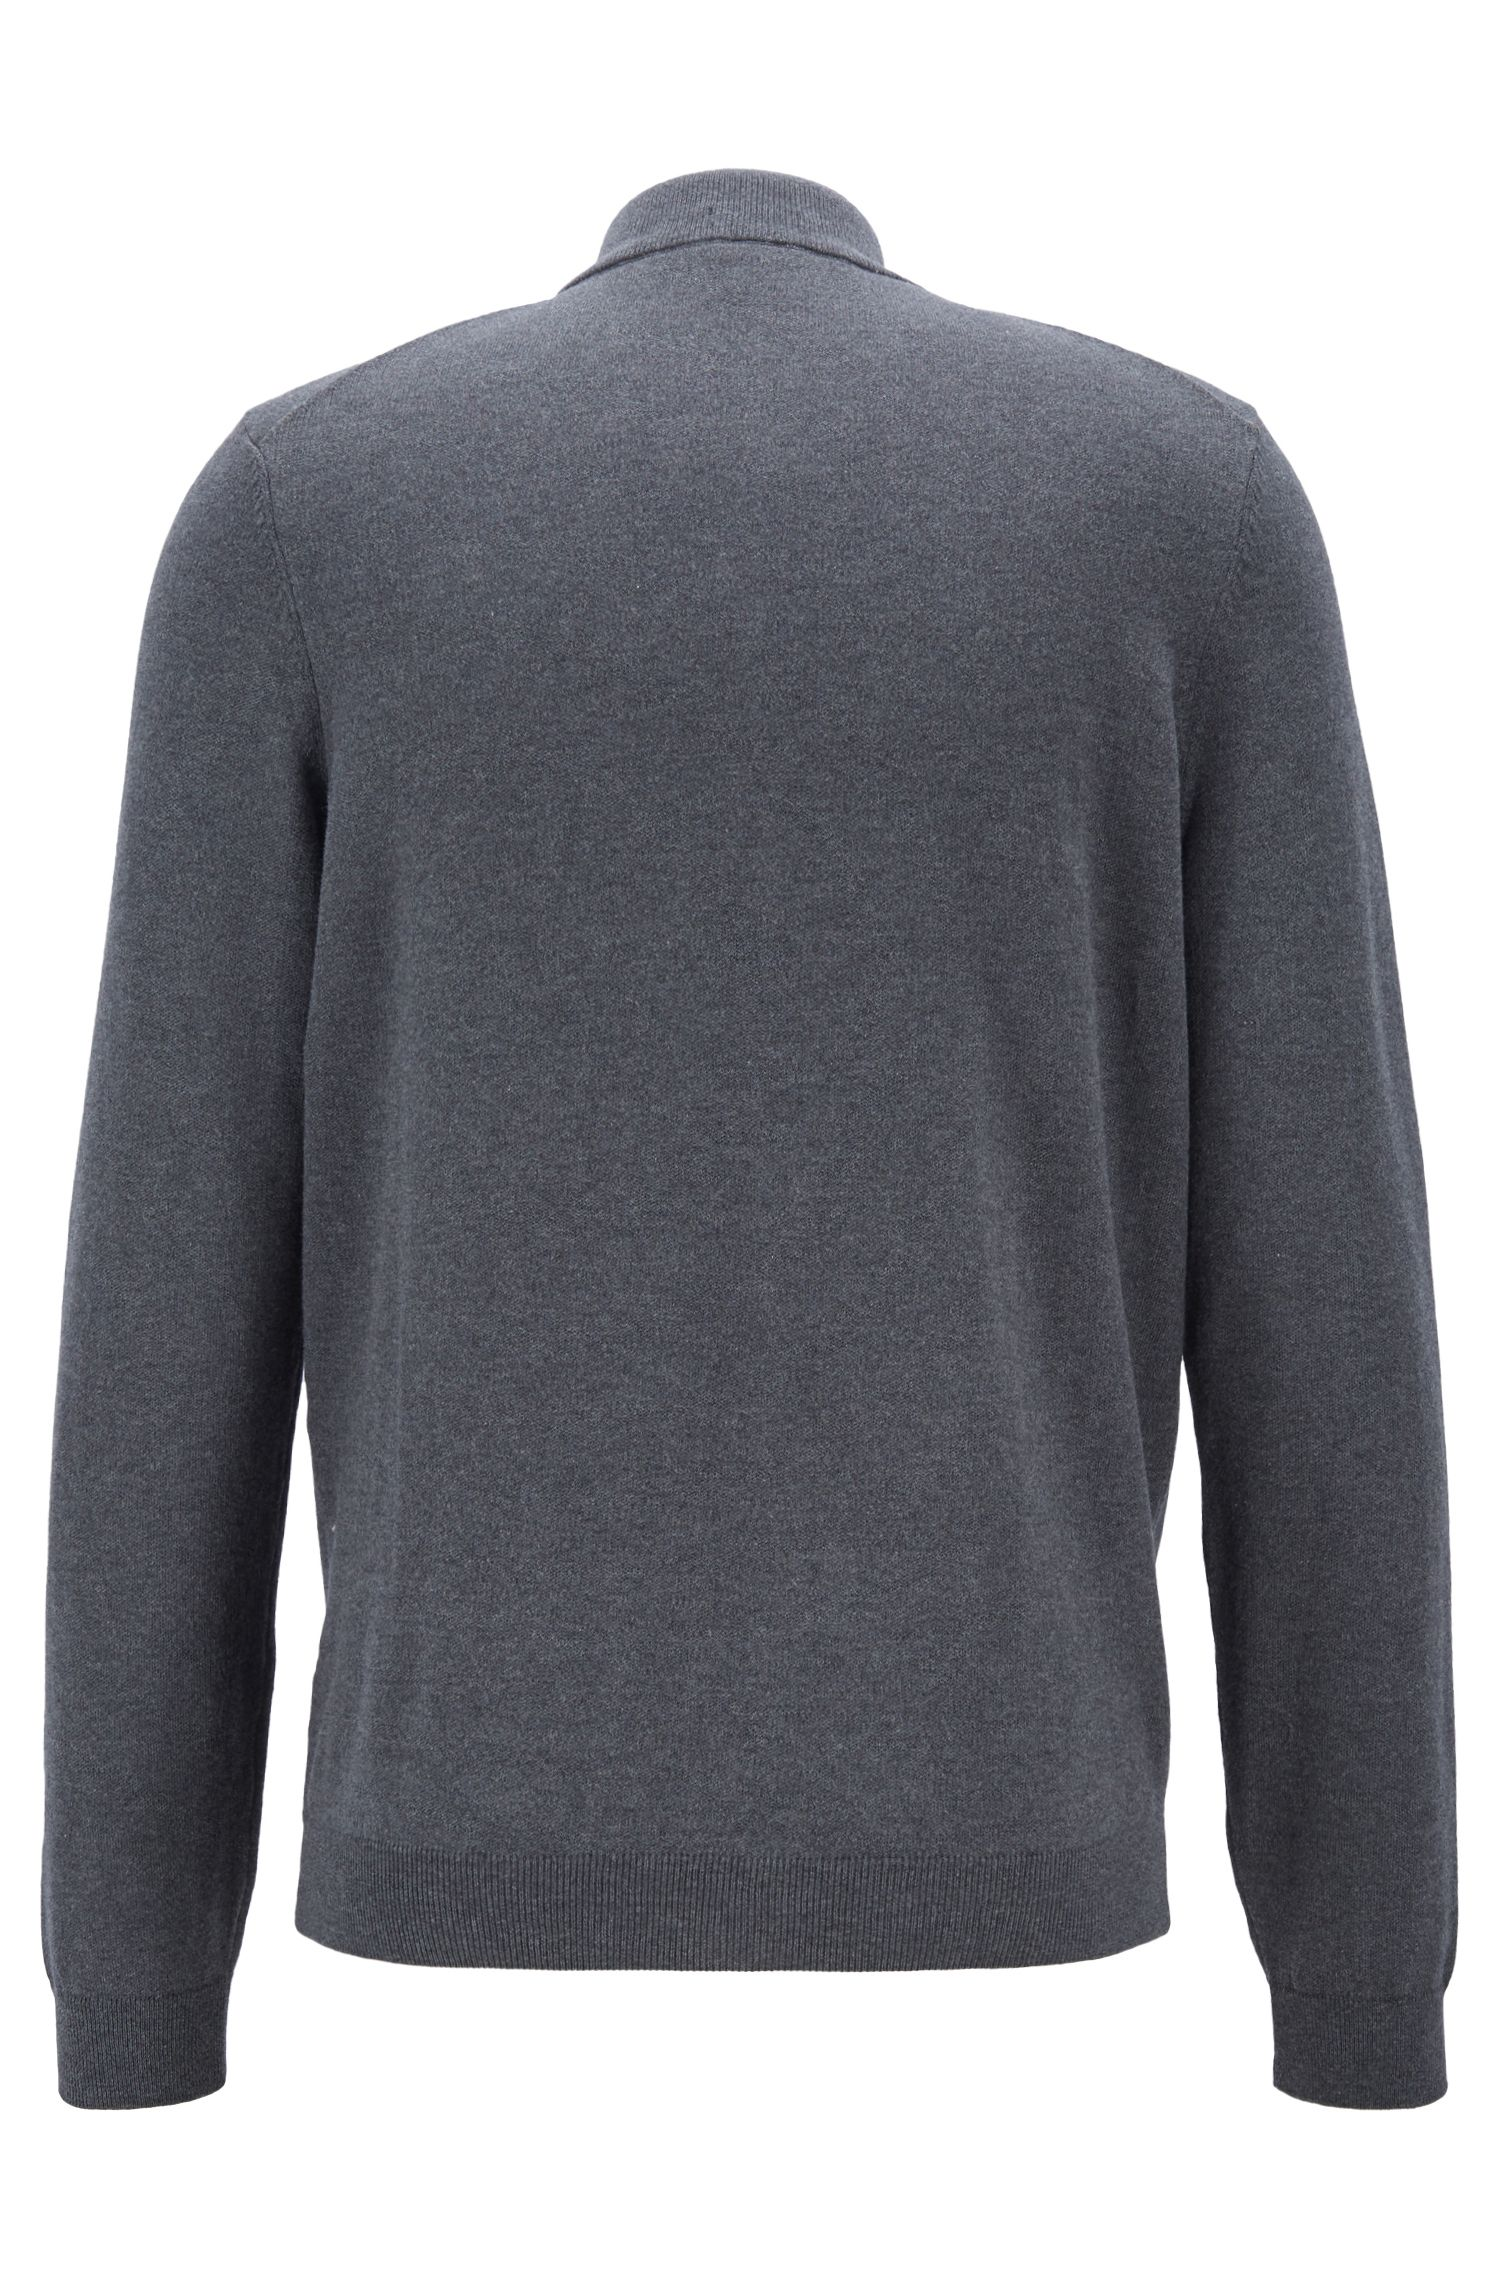 Jersey de punto de algodón con cremallera bidireccional en la parte delantera, Gris